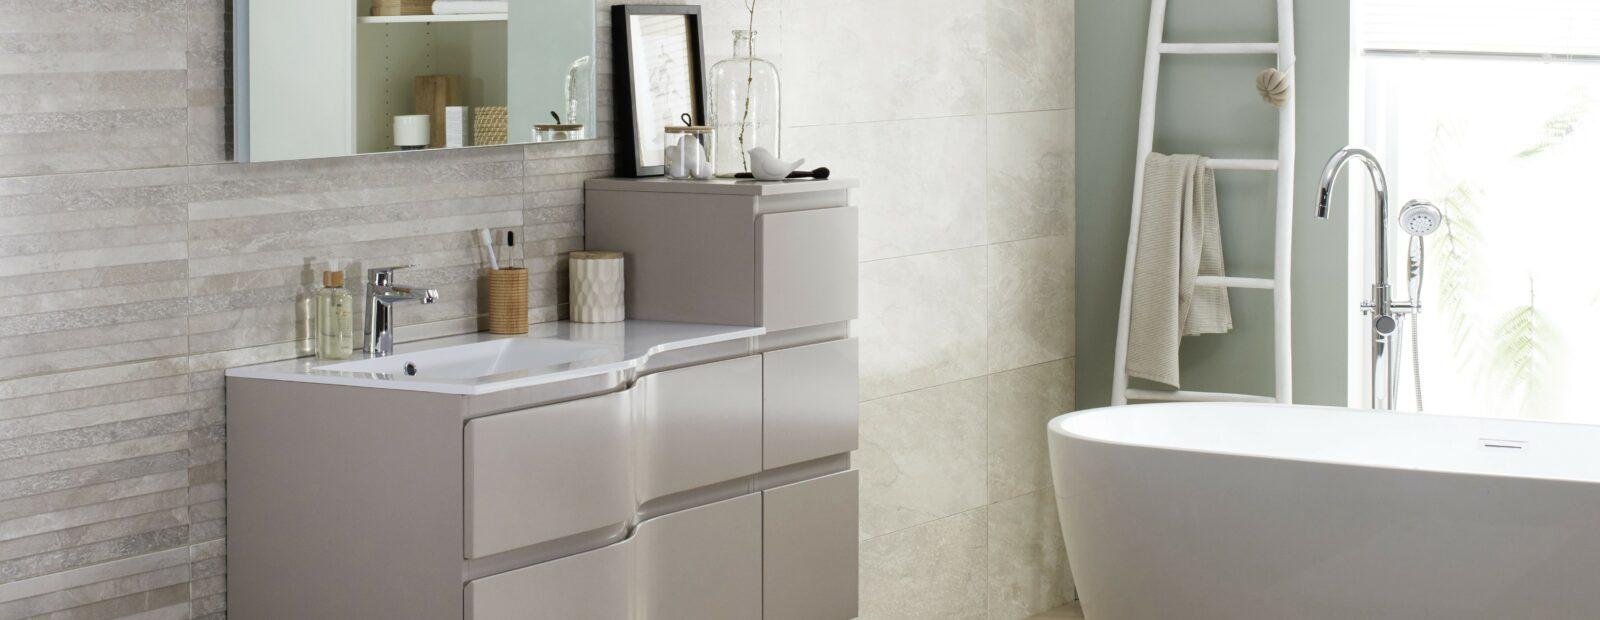 Salle De Bain 2017 salles de bains 2017 - lapeyre presse